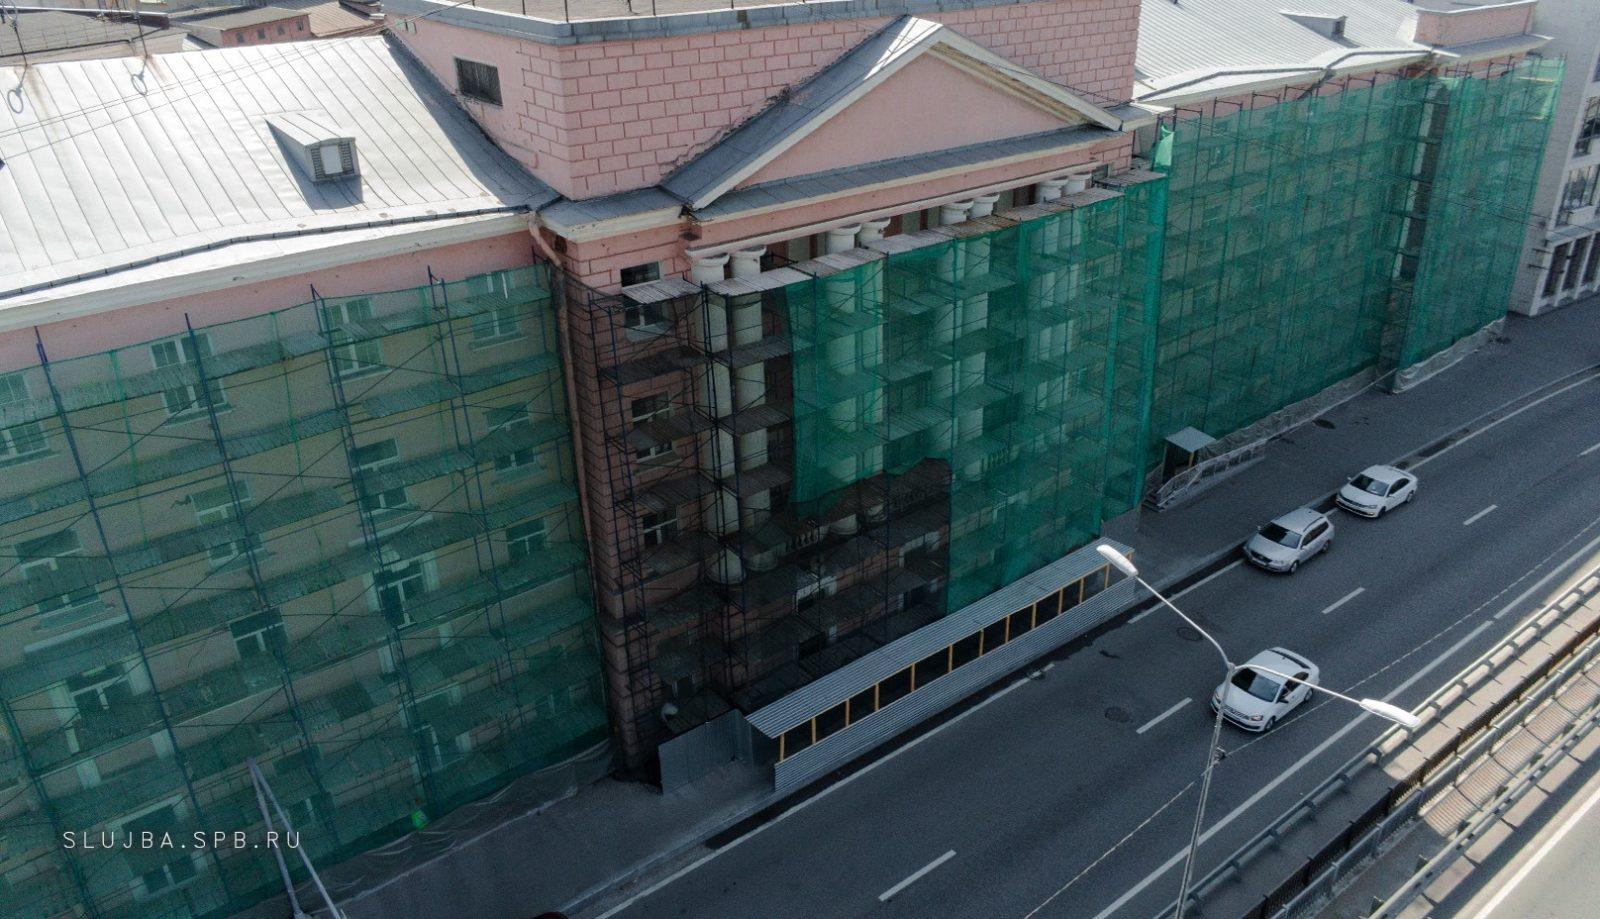 Капитальный ремонт фасада здания на ул. Набережная Обводного канала, д.14 в Санкт-Петербурге